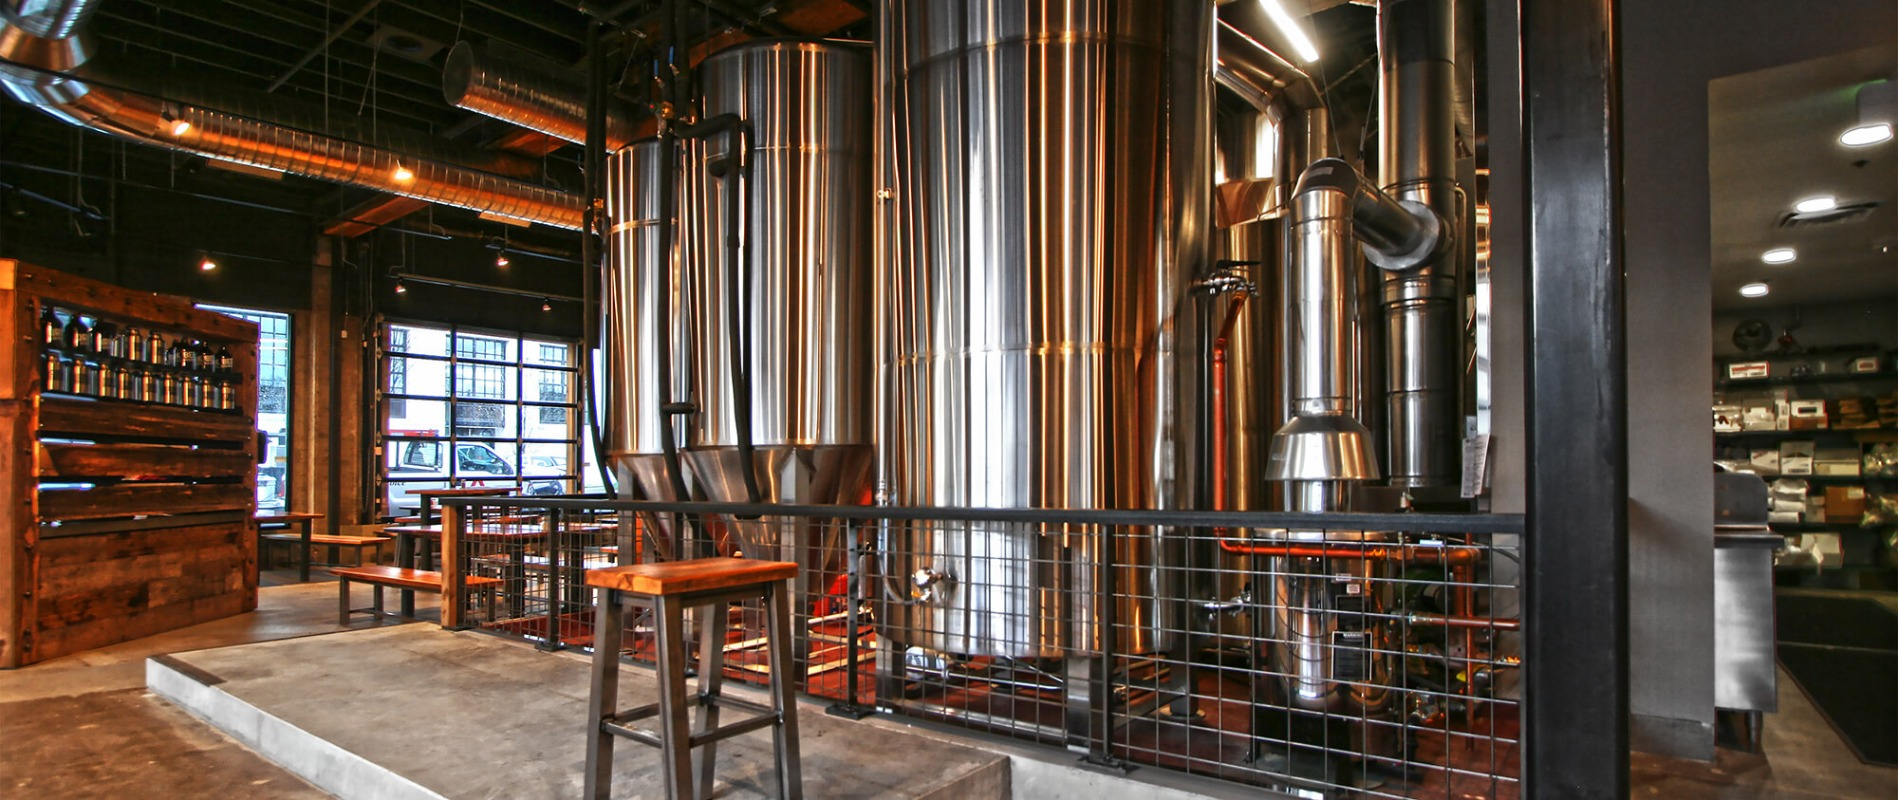 10 Barrel Brewing Portland Pub General Contractor